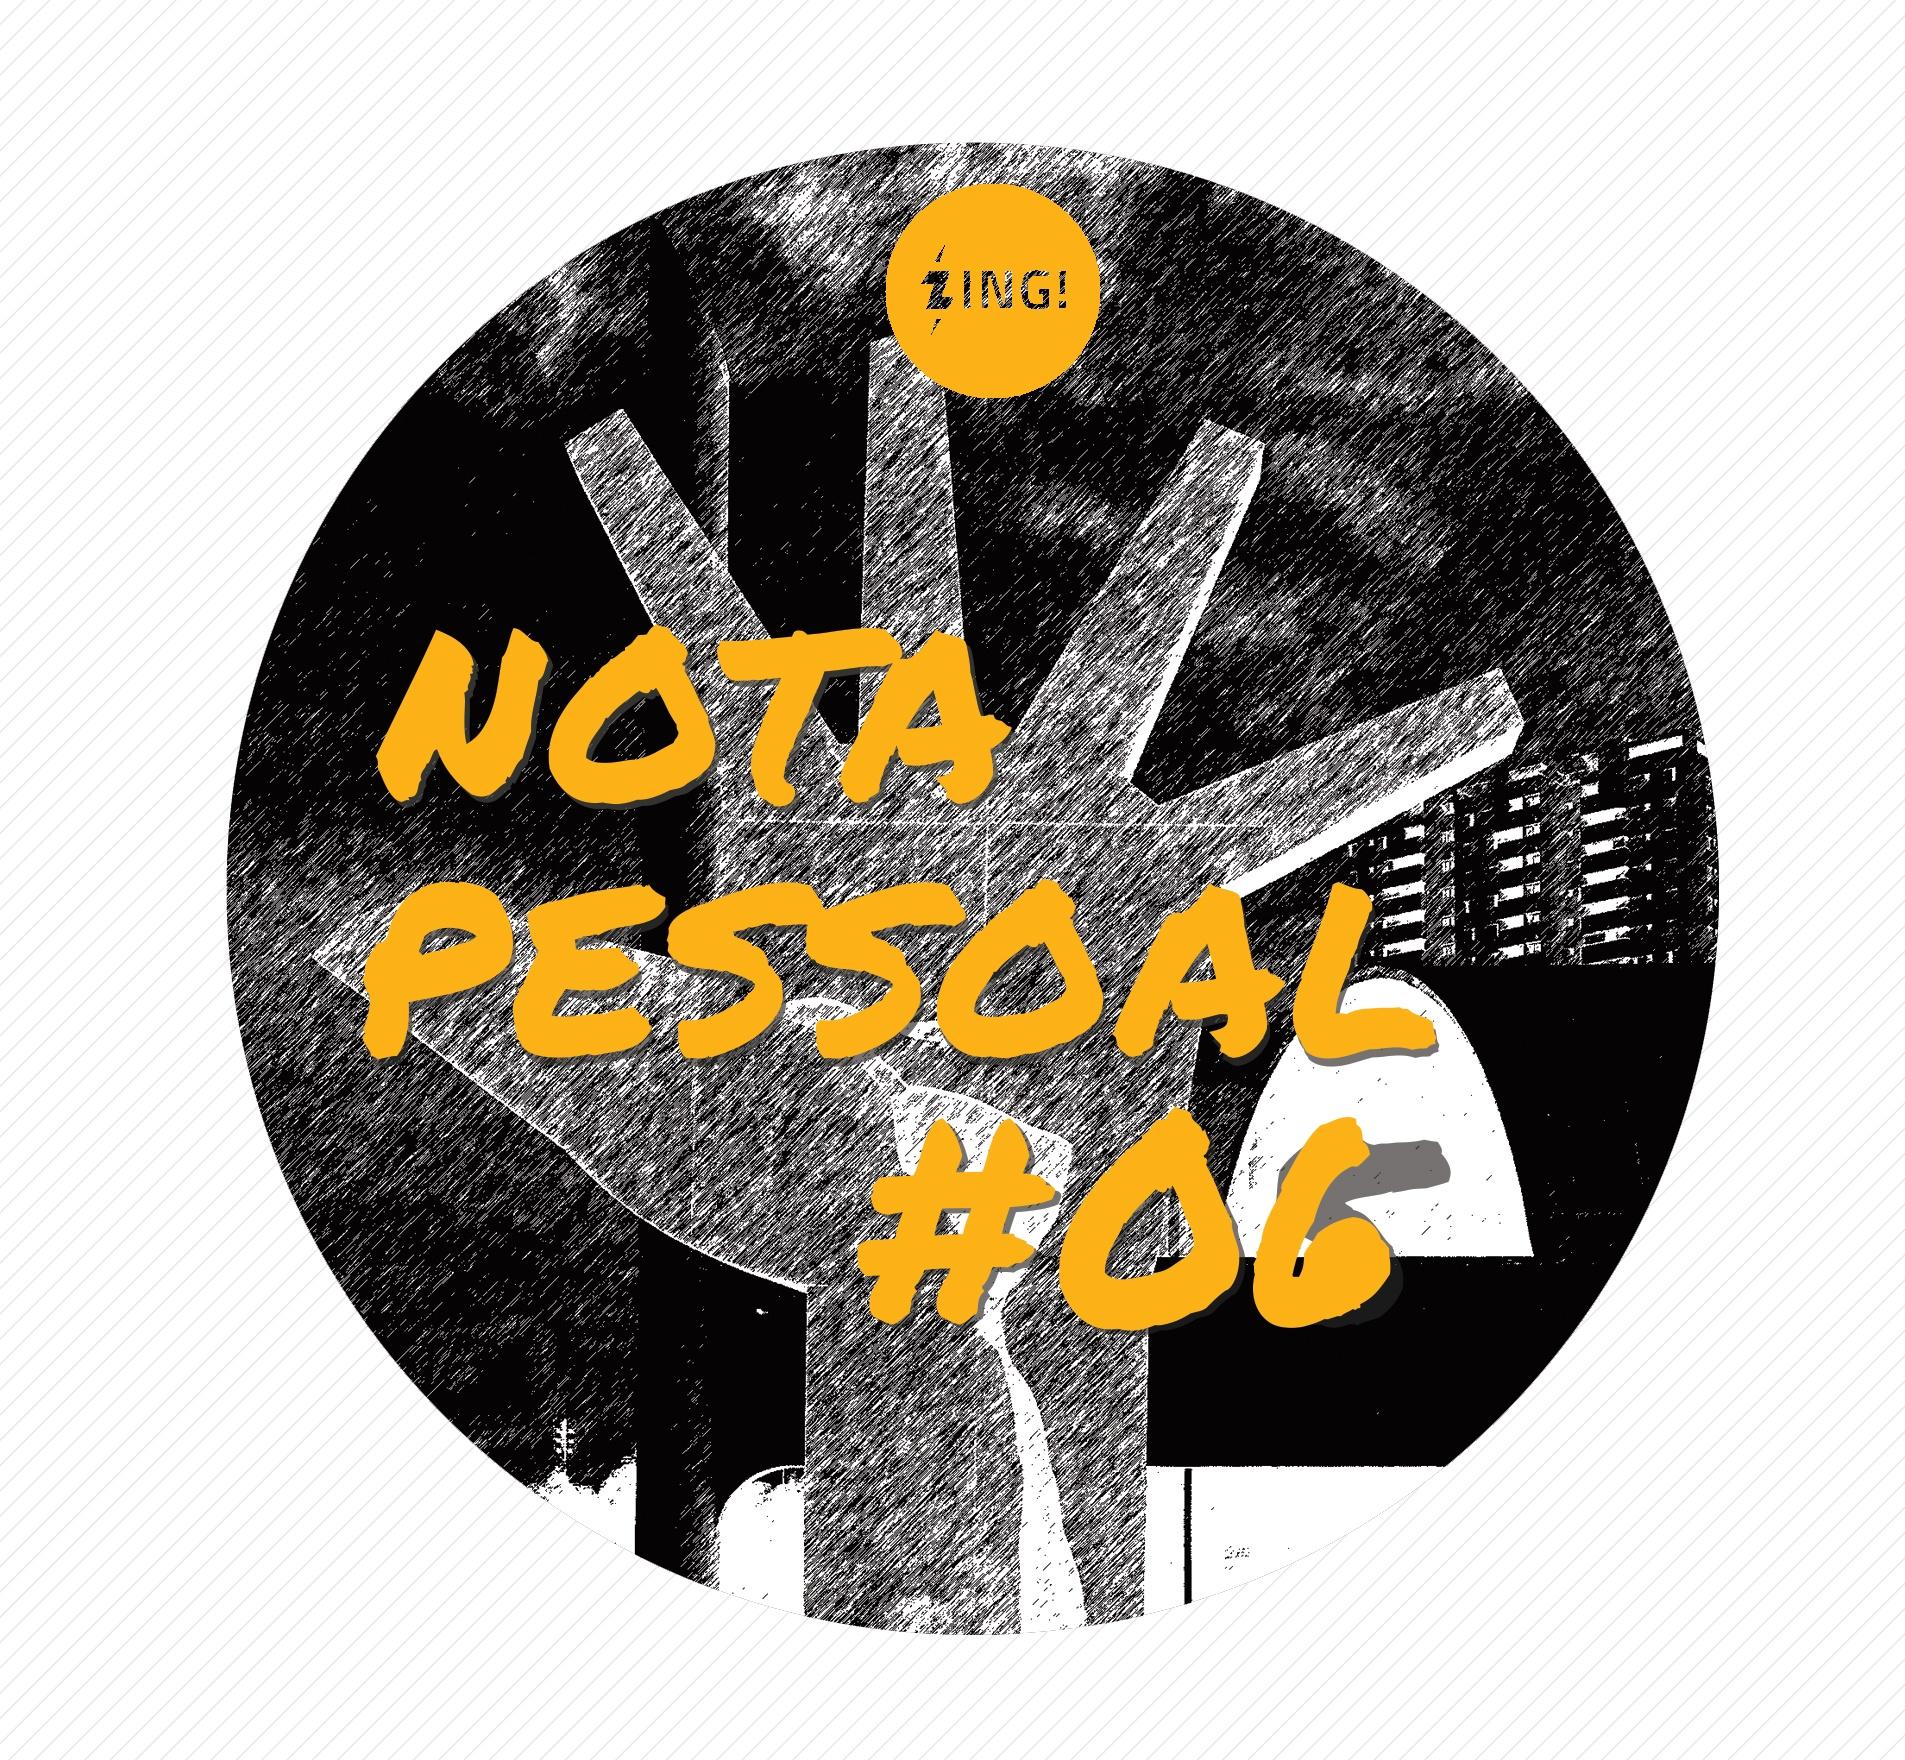 Capa - Nota Pessoal #06 - Exposições Interativas - Parte 1